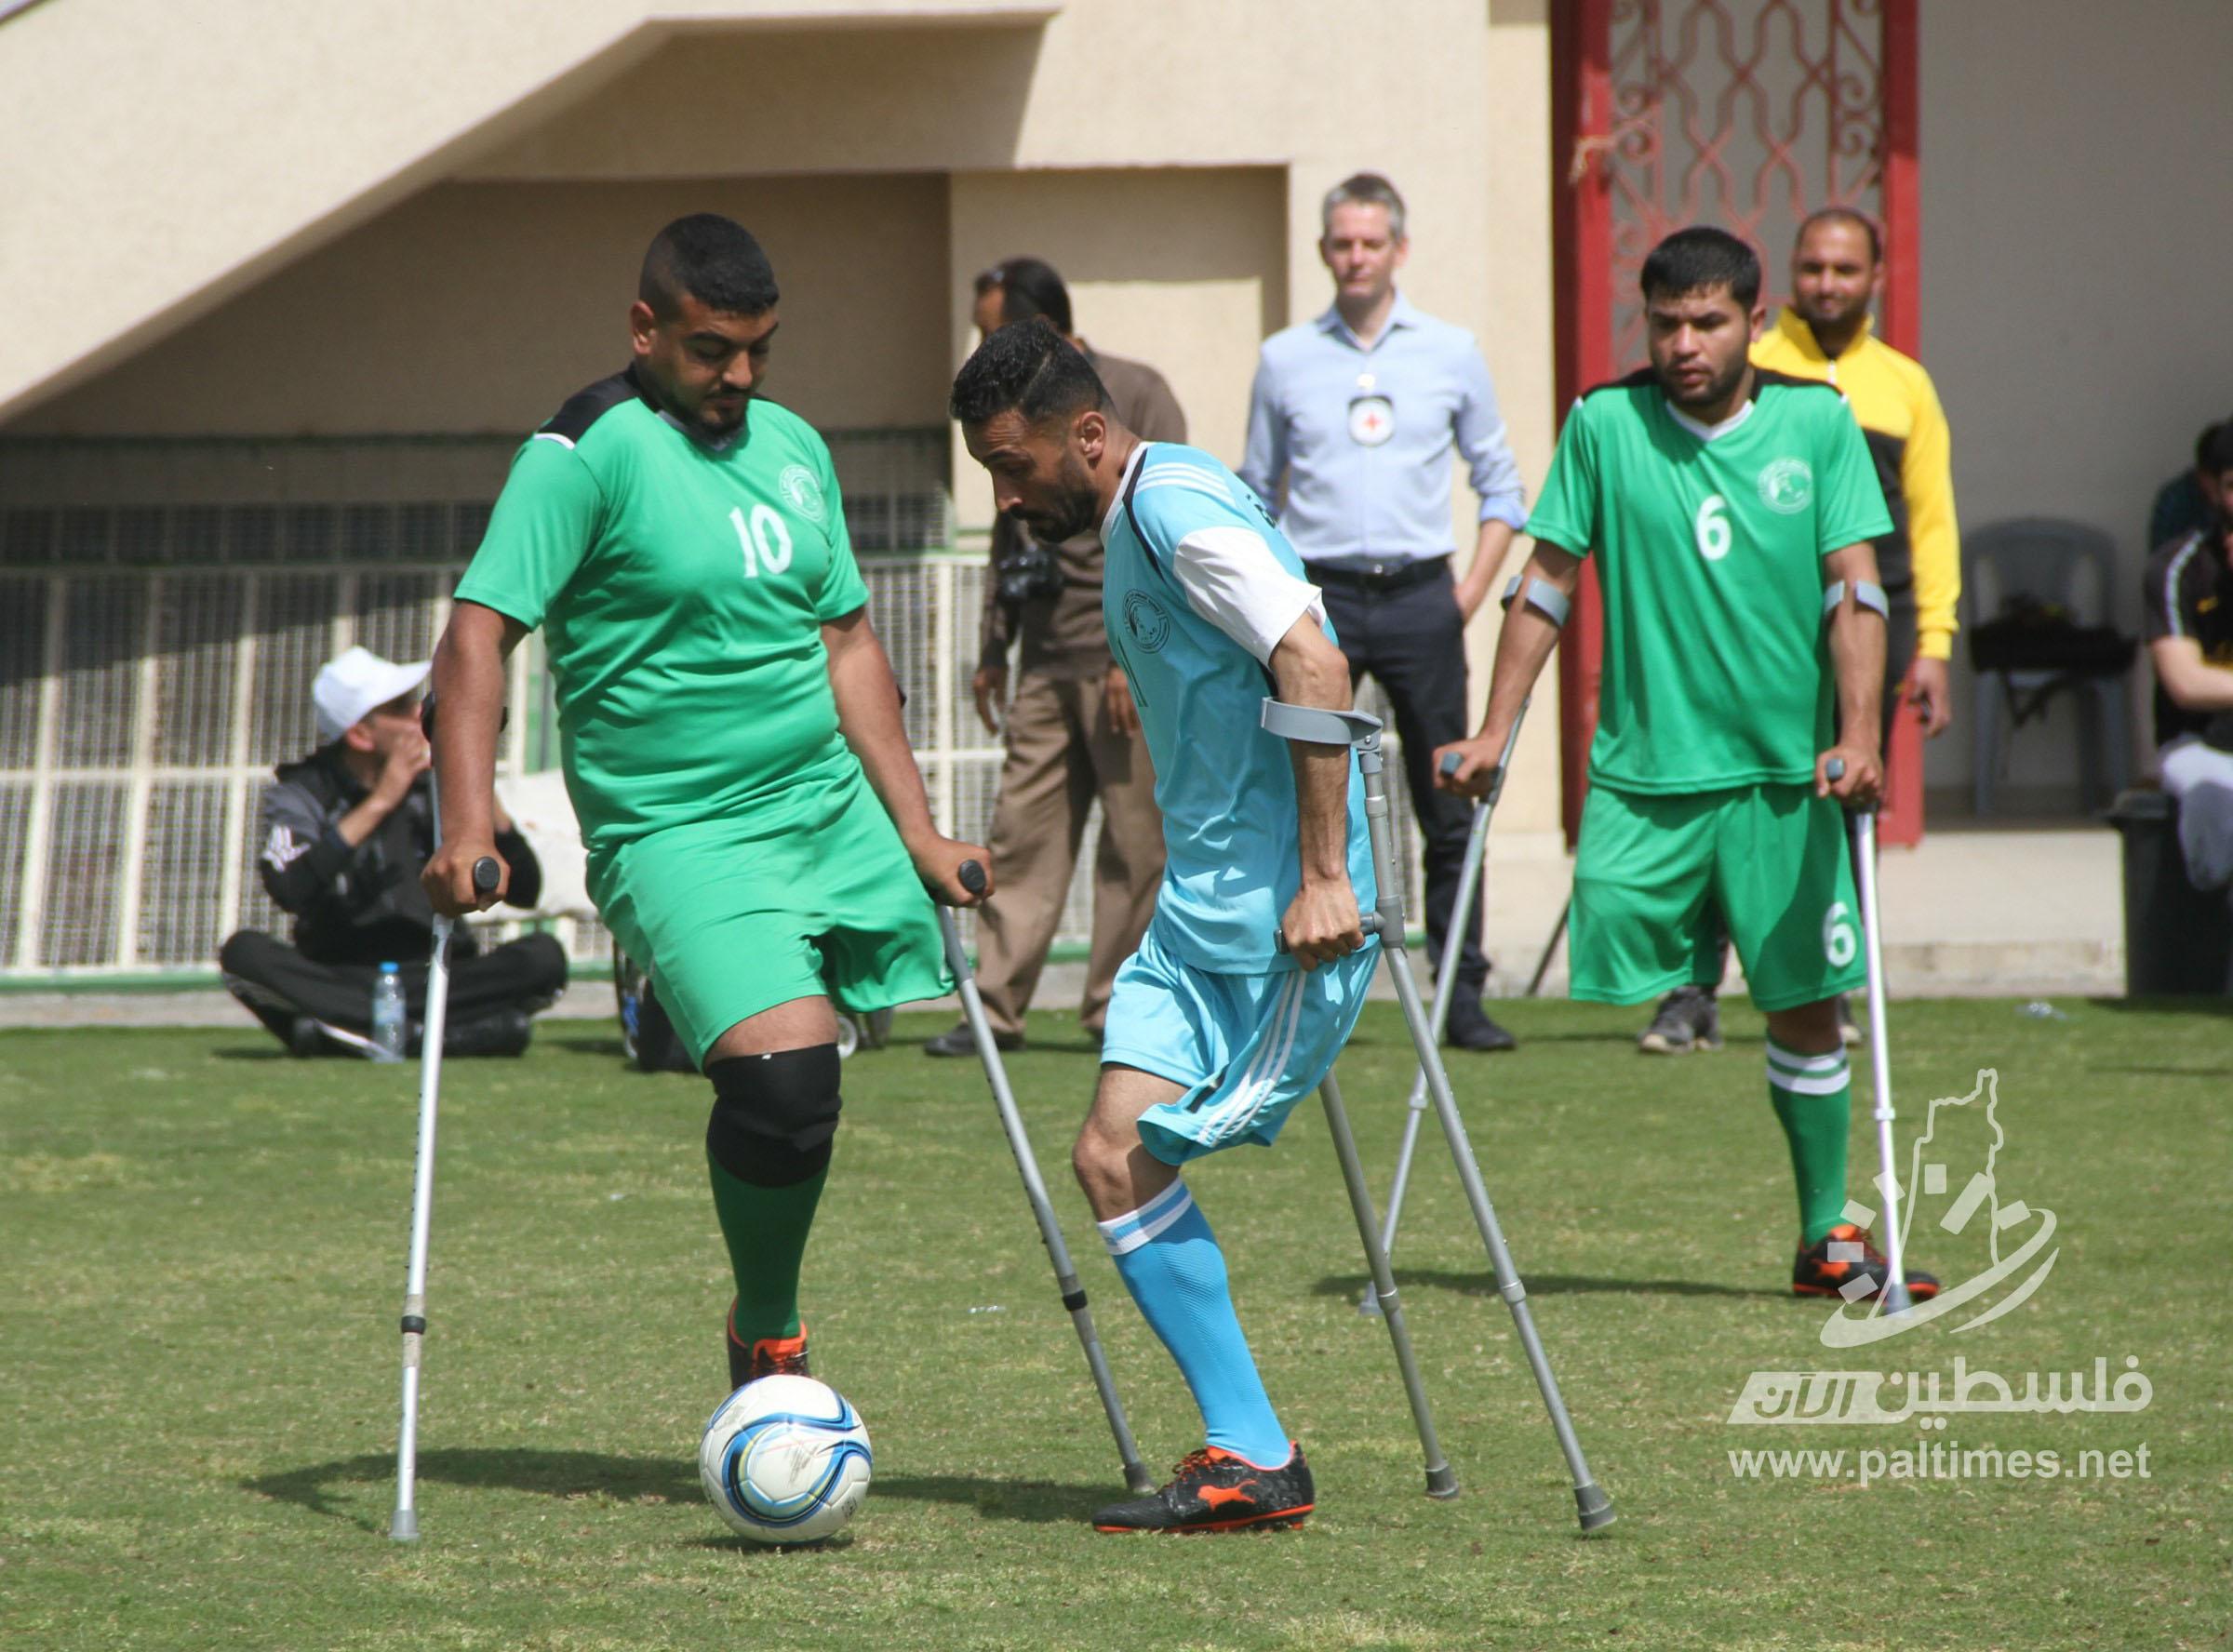 انطلاق دوري كرة القدم لمبتوري الأقدام